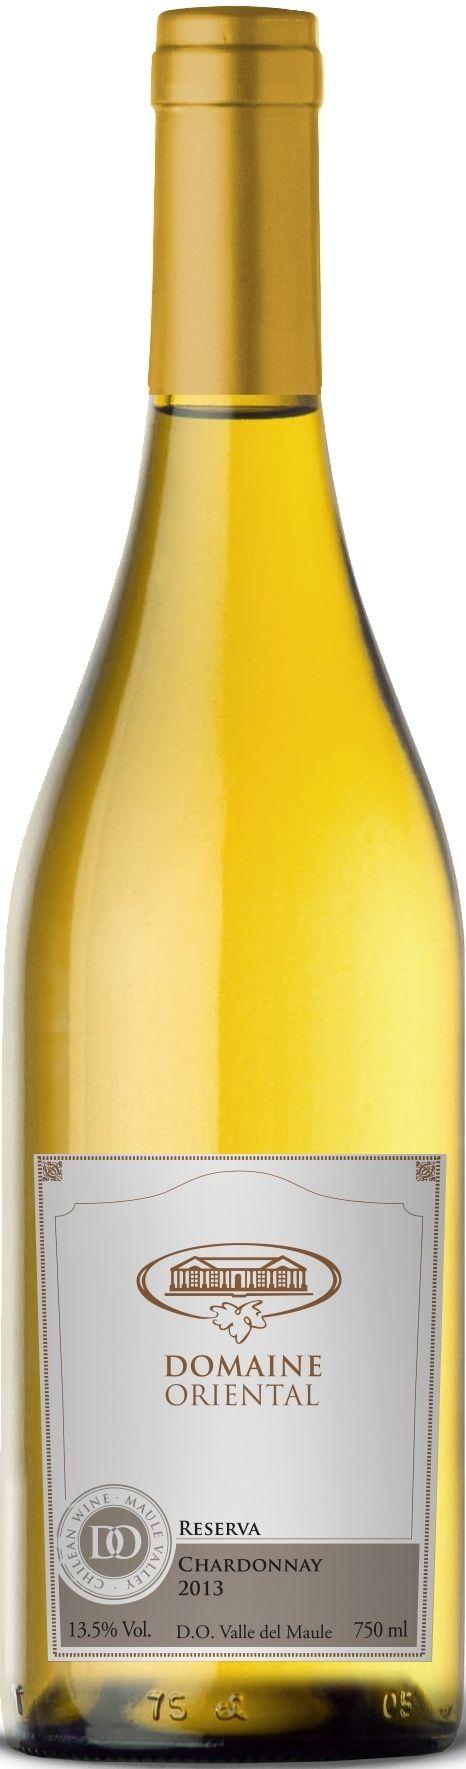 Domaine Oriental Reserva Chardonnay Belíssimo caldo que carrega toda a potencialidade e os atributos das uvas produzidas pelos terroirs do Vale do Maule,no Chile. Trata-se de um monovarietal elaborado c/100% Chardonnay de vinhedos de mais de 20 anos de idade,localizados nas encostas e com temperaturas moderadas,o que garantem frutas de alta qualidade. Possui linda coloração amarelo palha brilhante c/ halos prateados e grande limpidez,o q faz bem aos olhos e demonstra todo o capricho da…